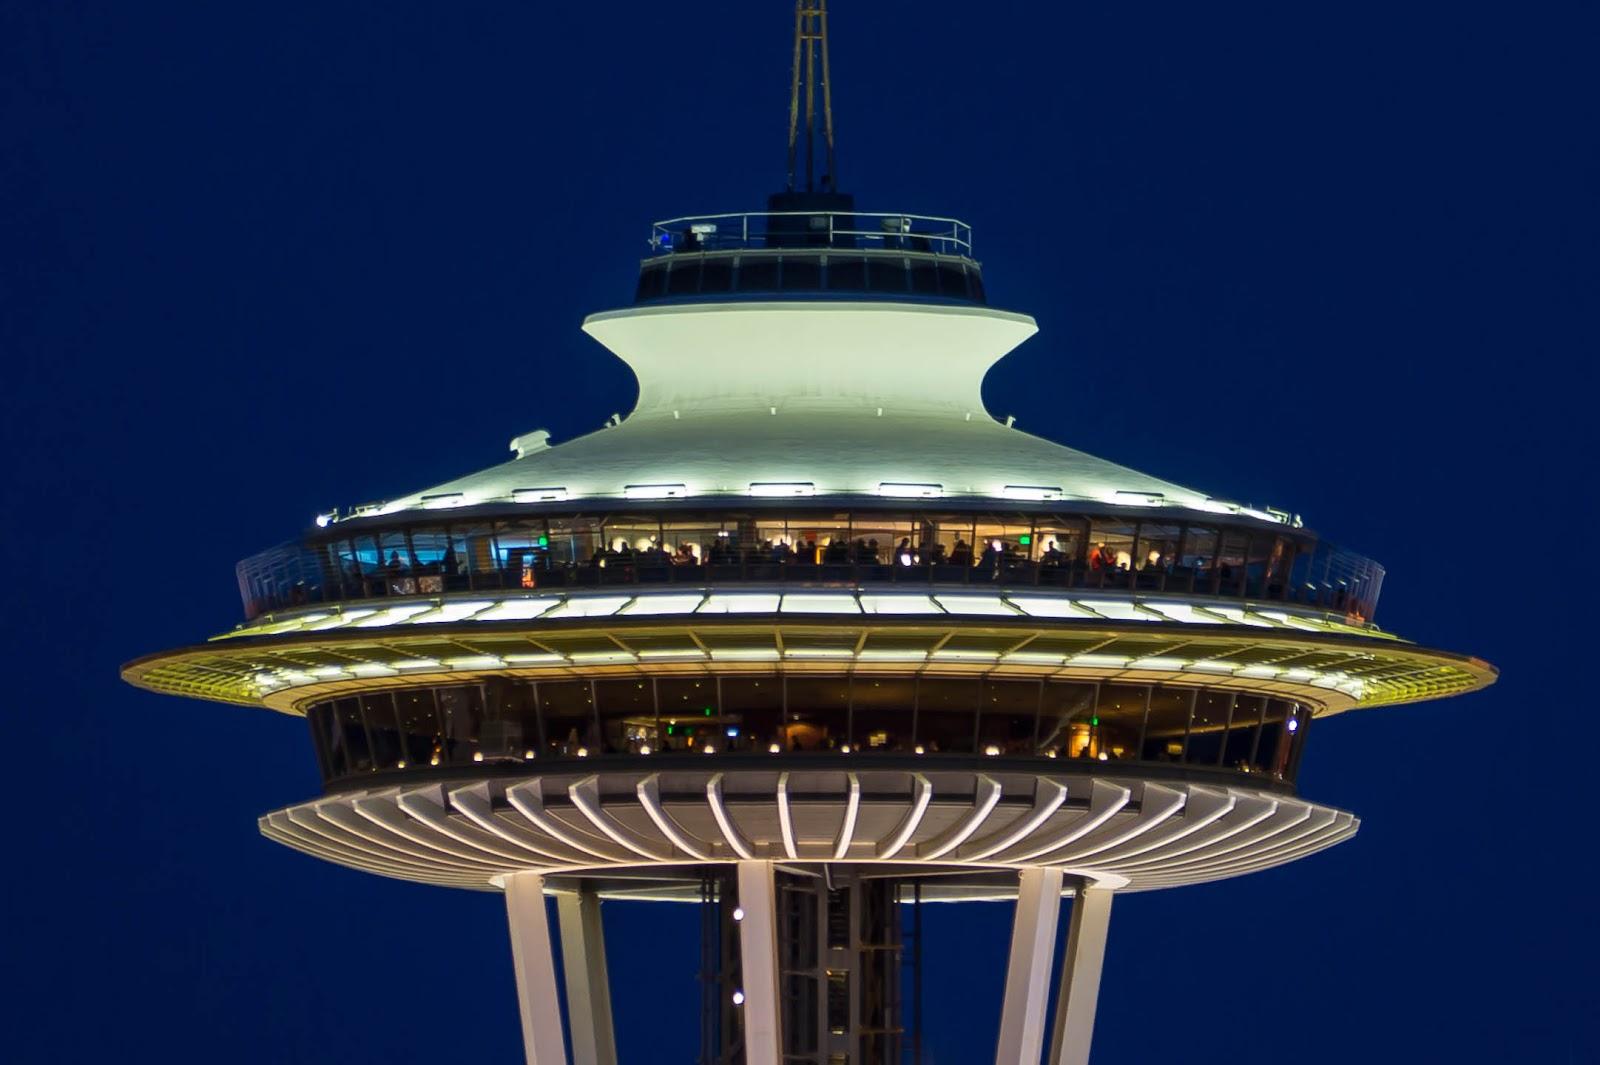 Любителей ночных видов много и на самой башне, как на обзорной площадке, так и в ресторане под ней.